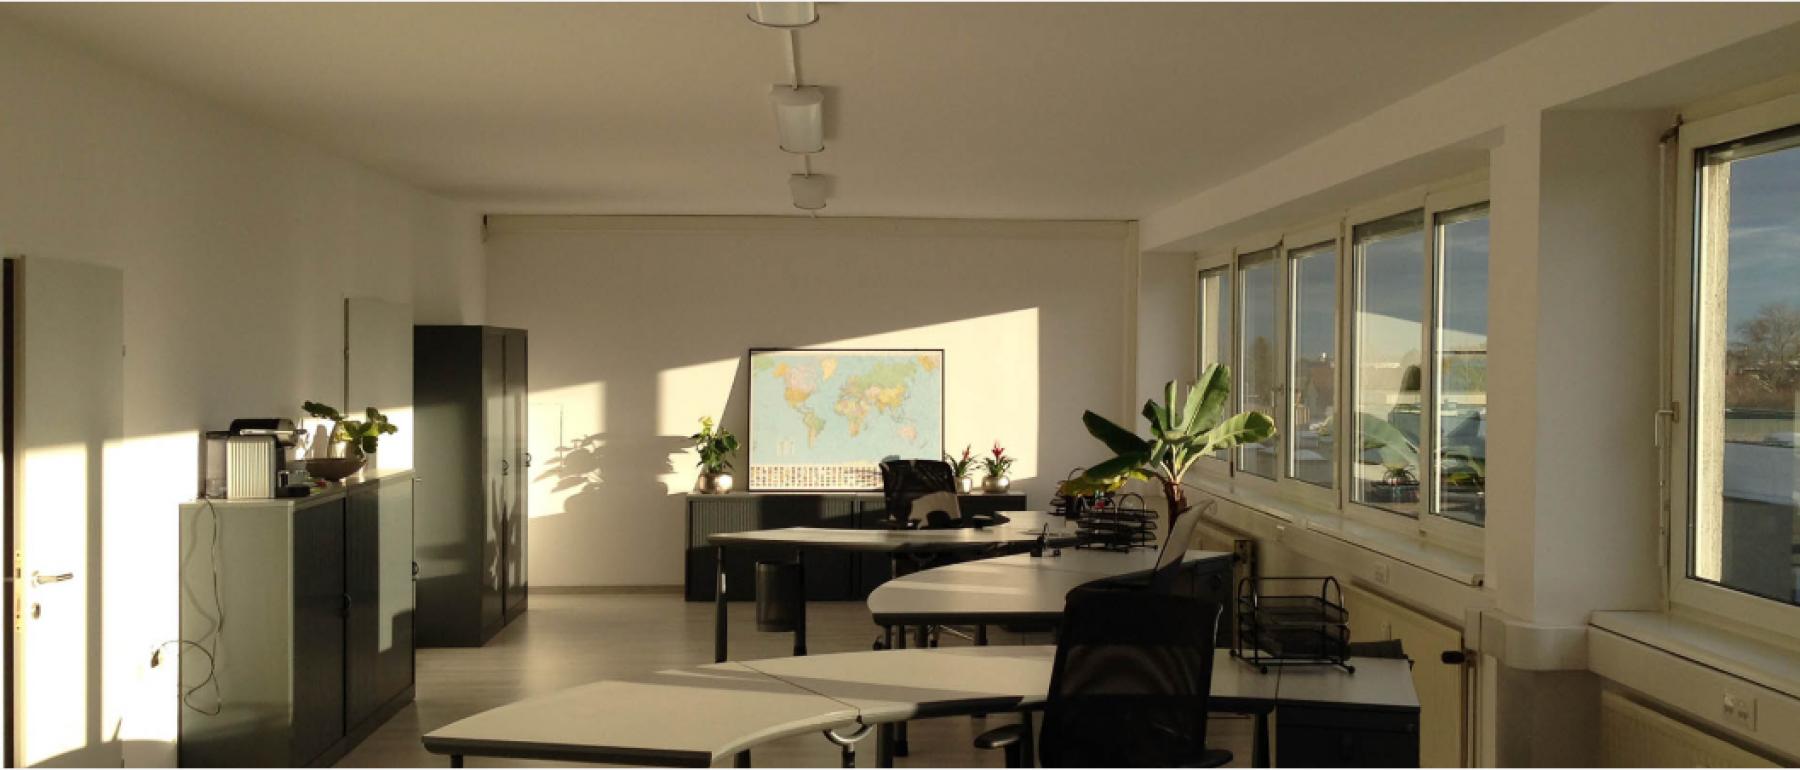 Büro mieten Kolbegasse 66, Wien (3)